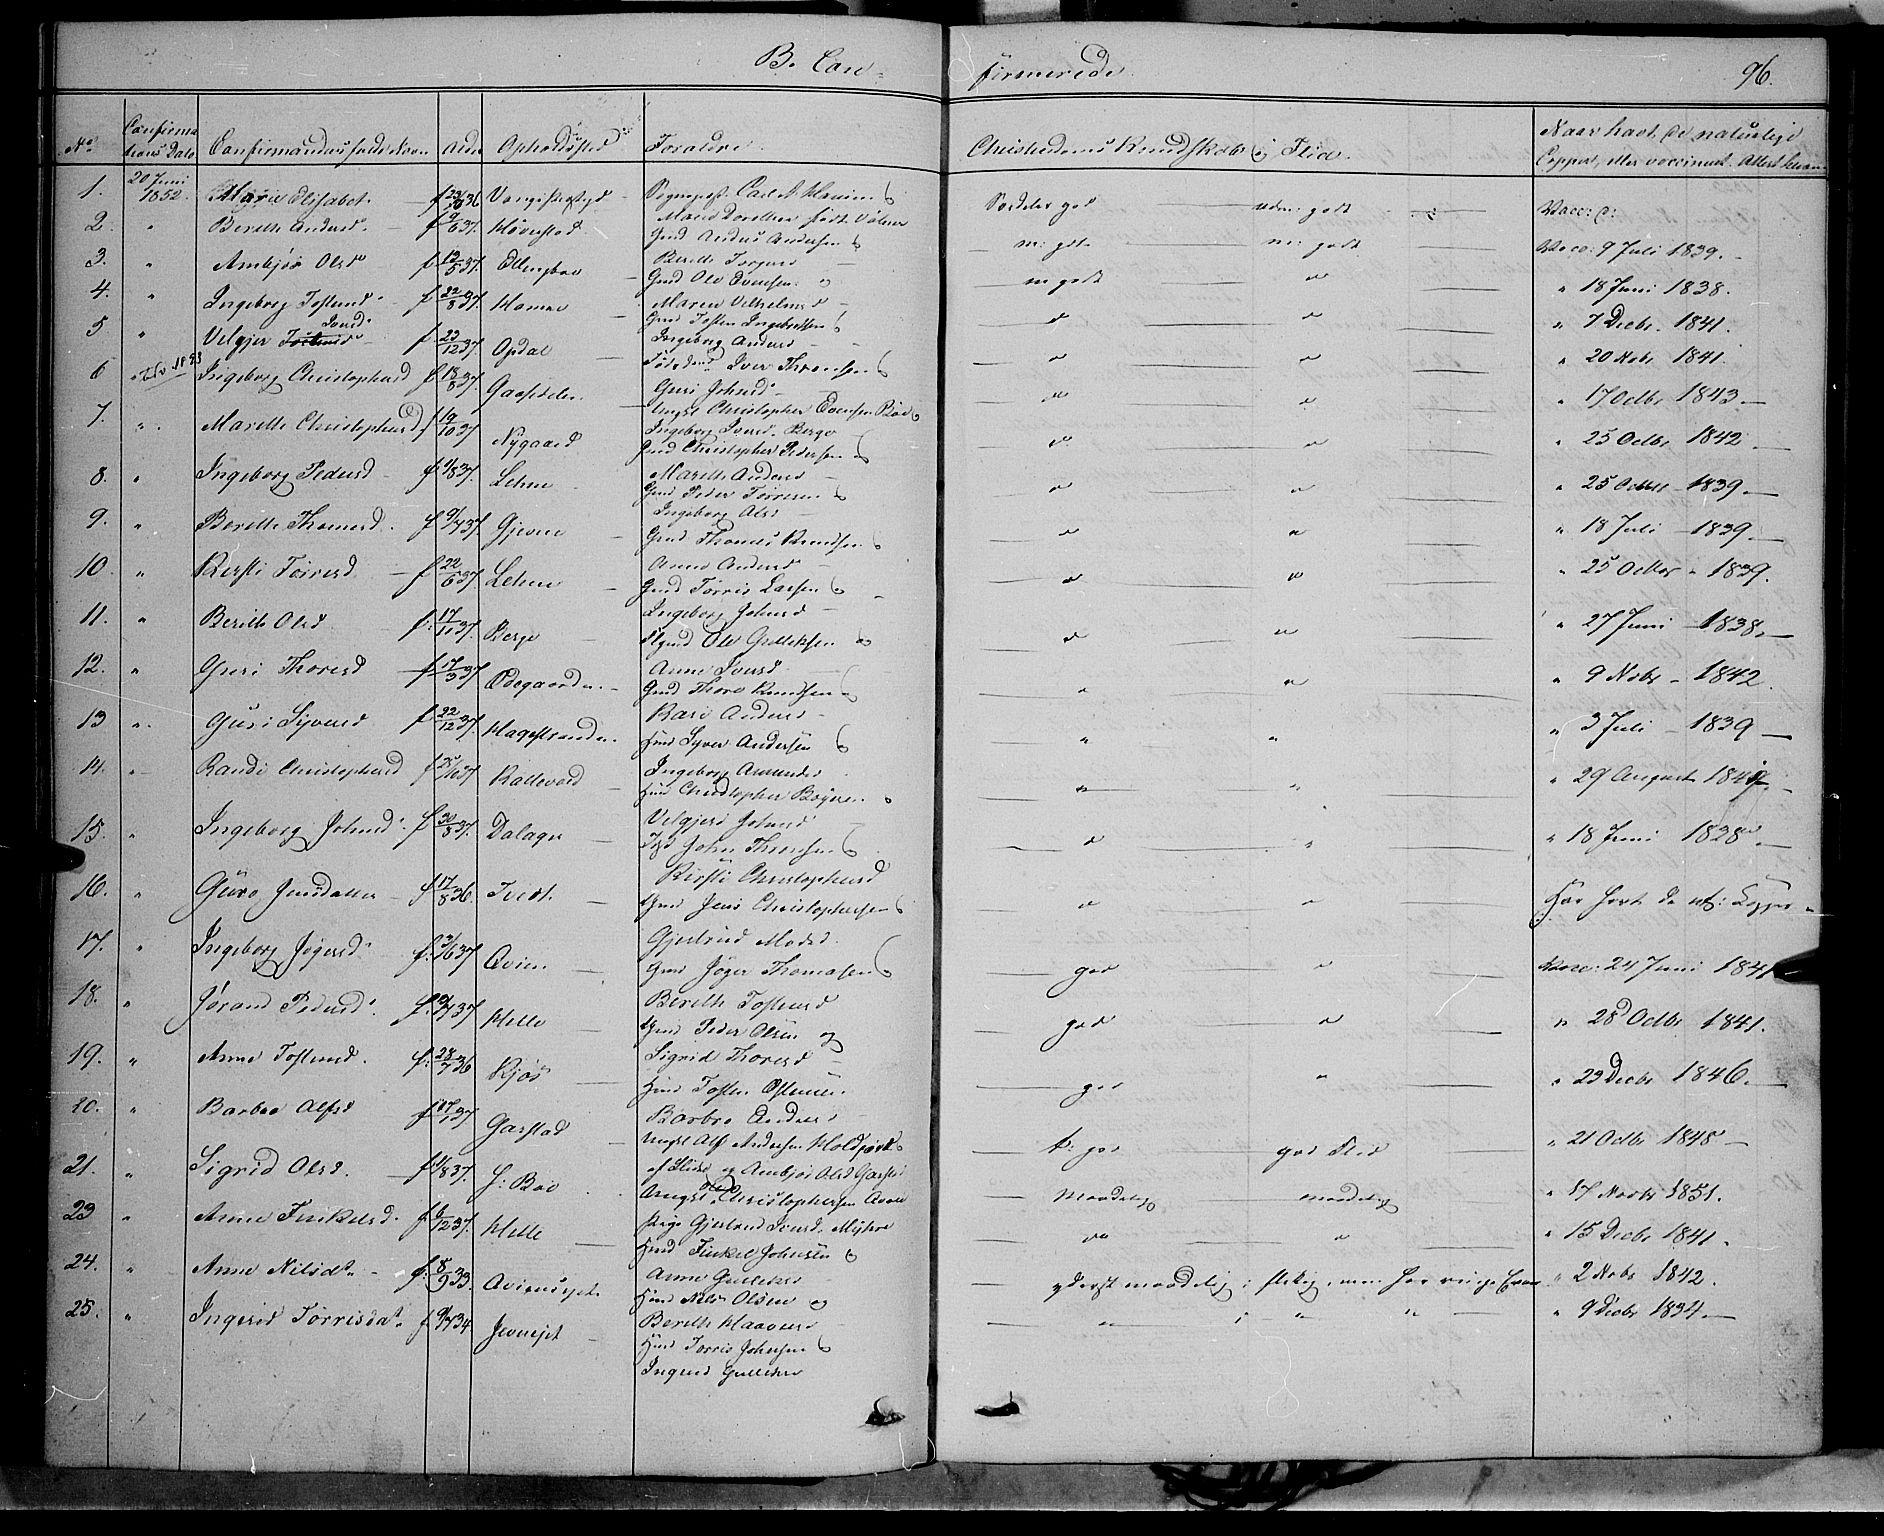 SAH, Vang prestekontor, Valdres, Ministerialbok nr. 6, 1846-1864, s. 96